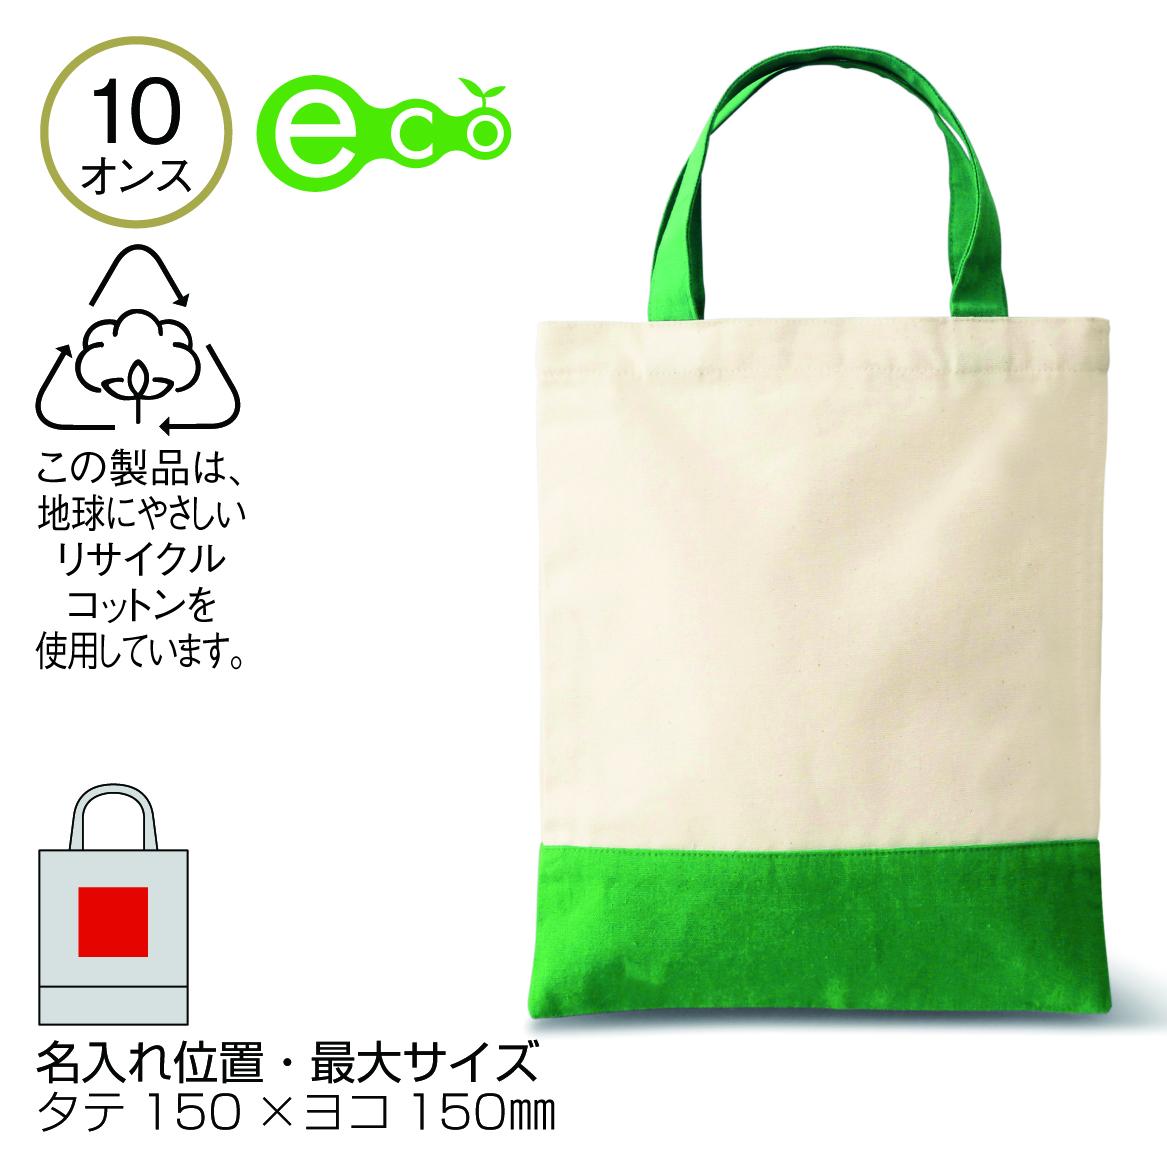 セルトナ・リサイクルコットンA4トート(グリーン)